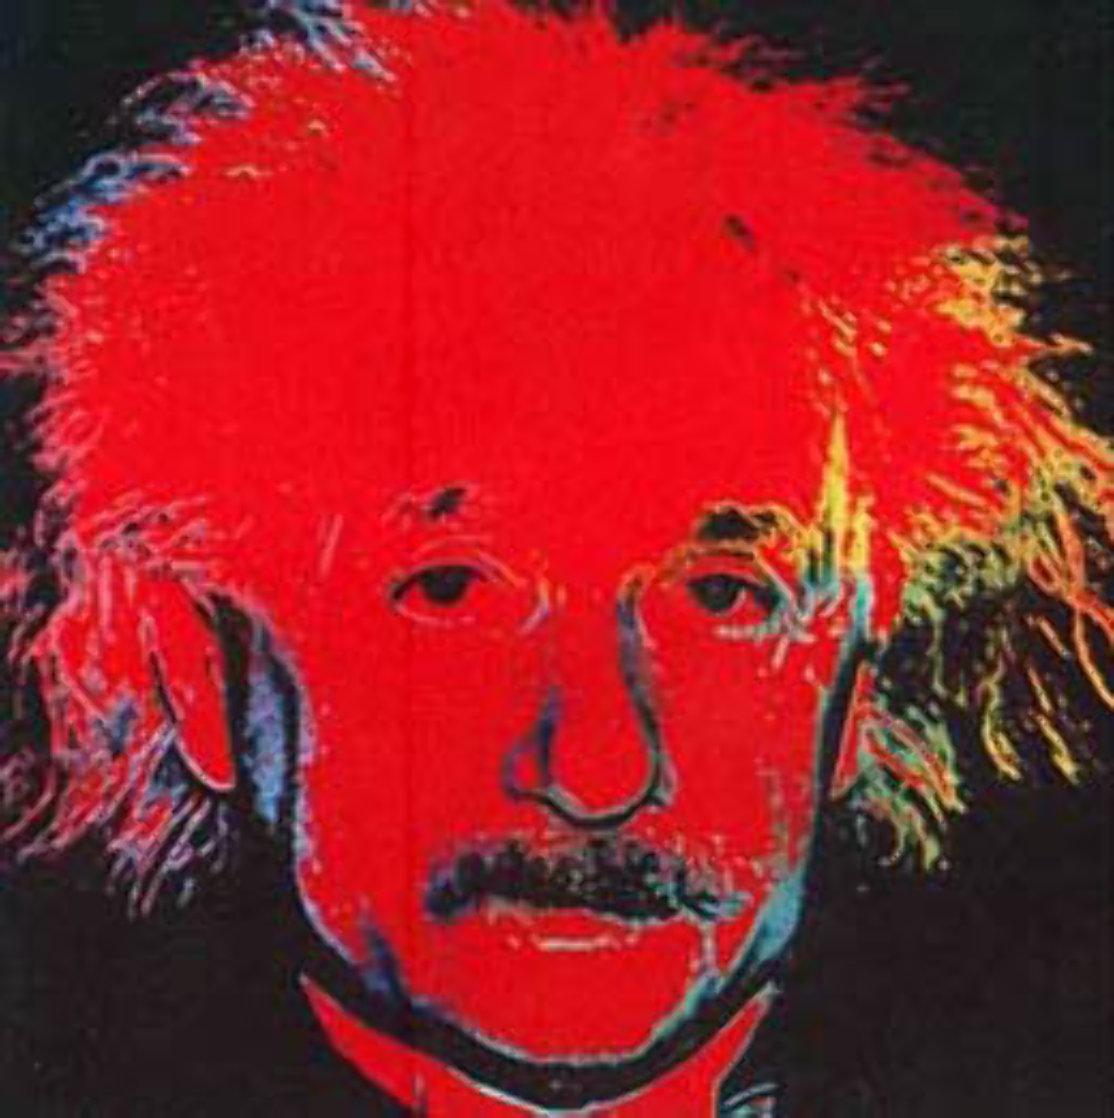 Albert Einstein, Red 1996 Limited Edition Print by Steve Kaufman